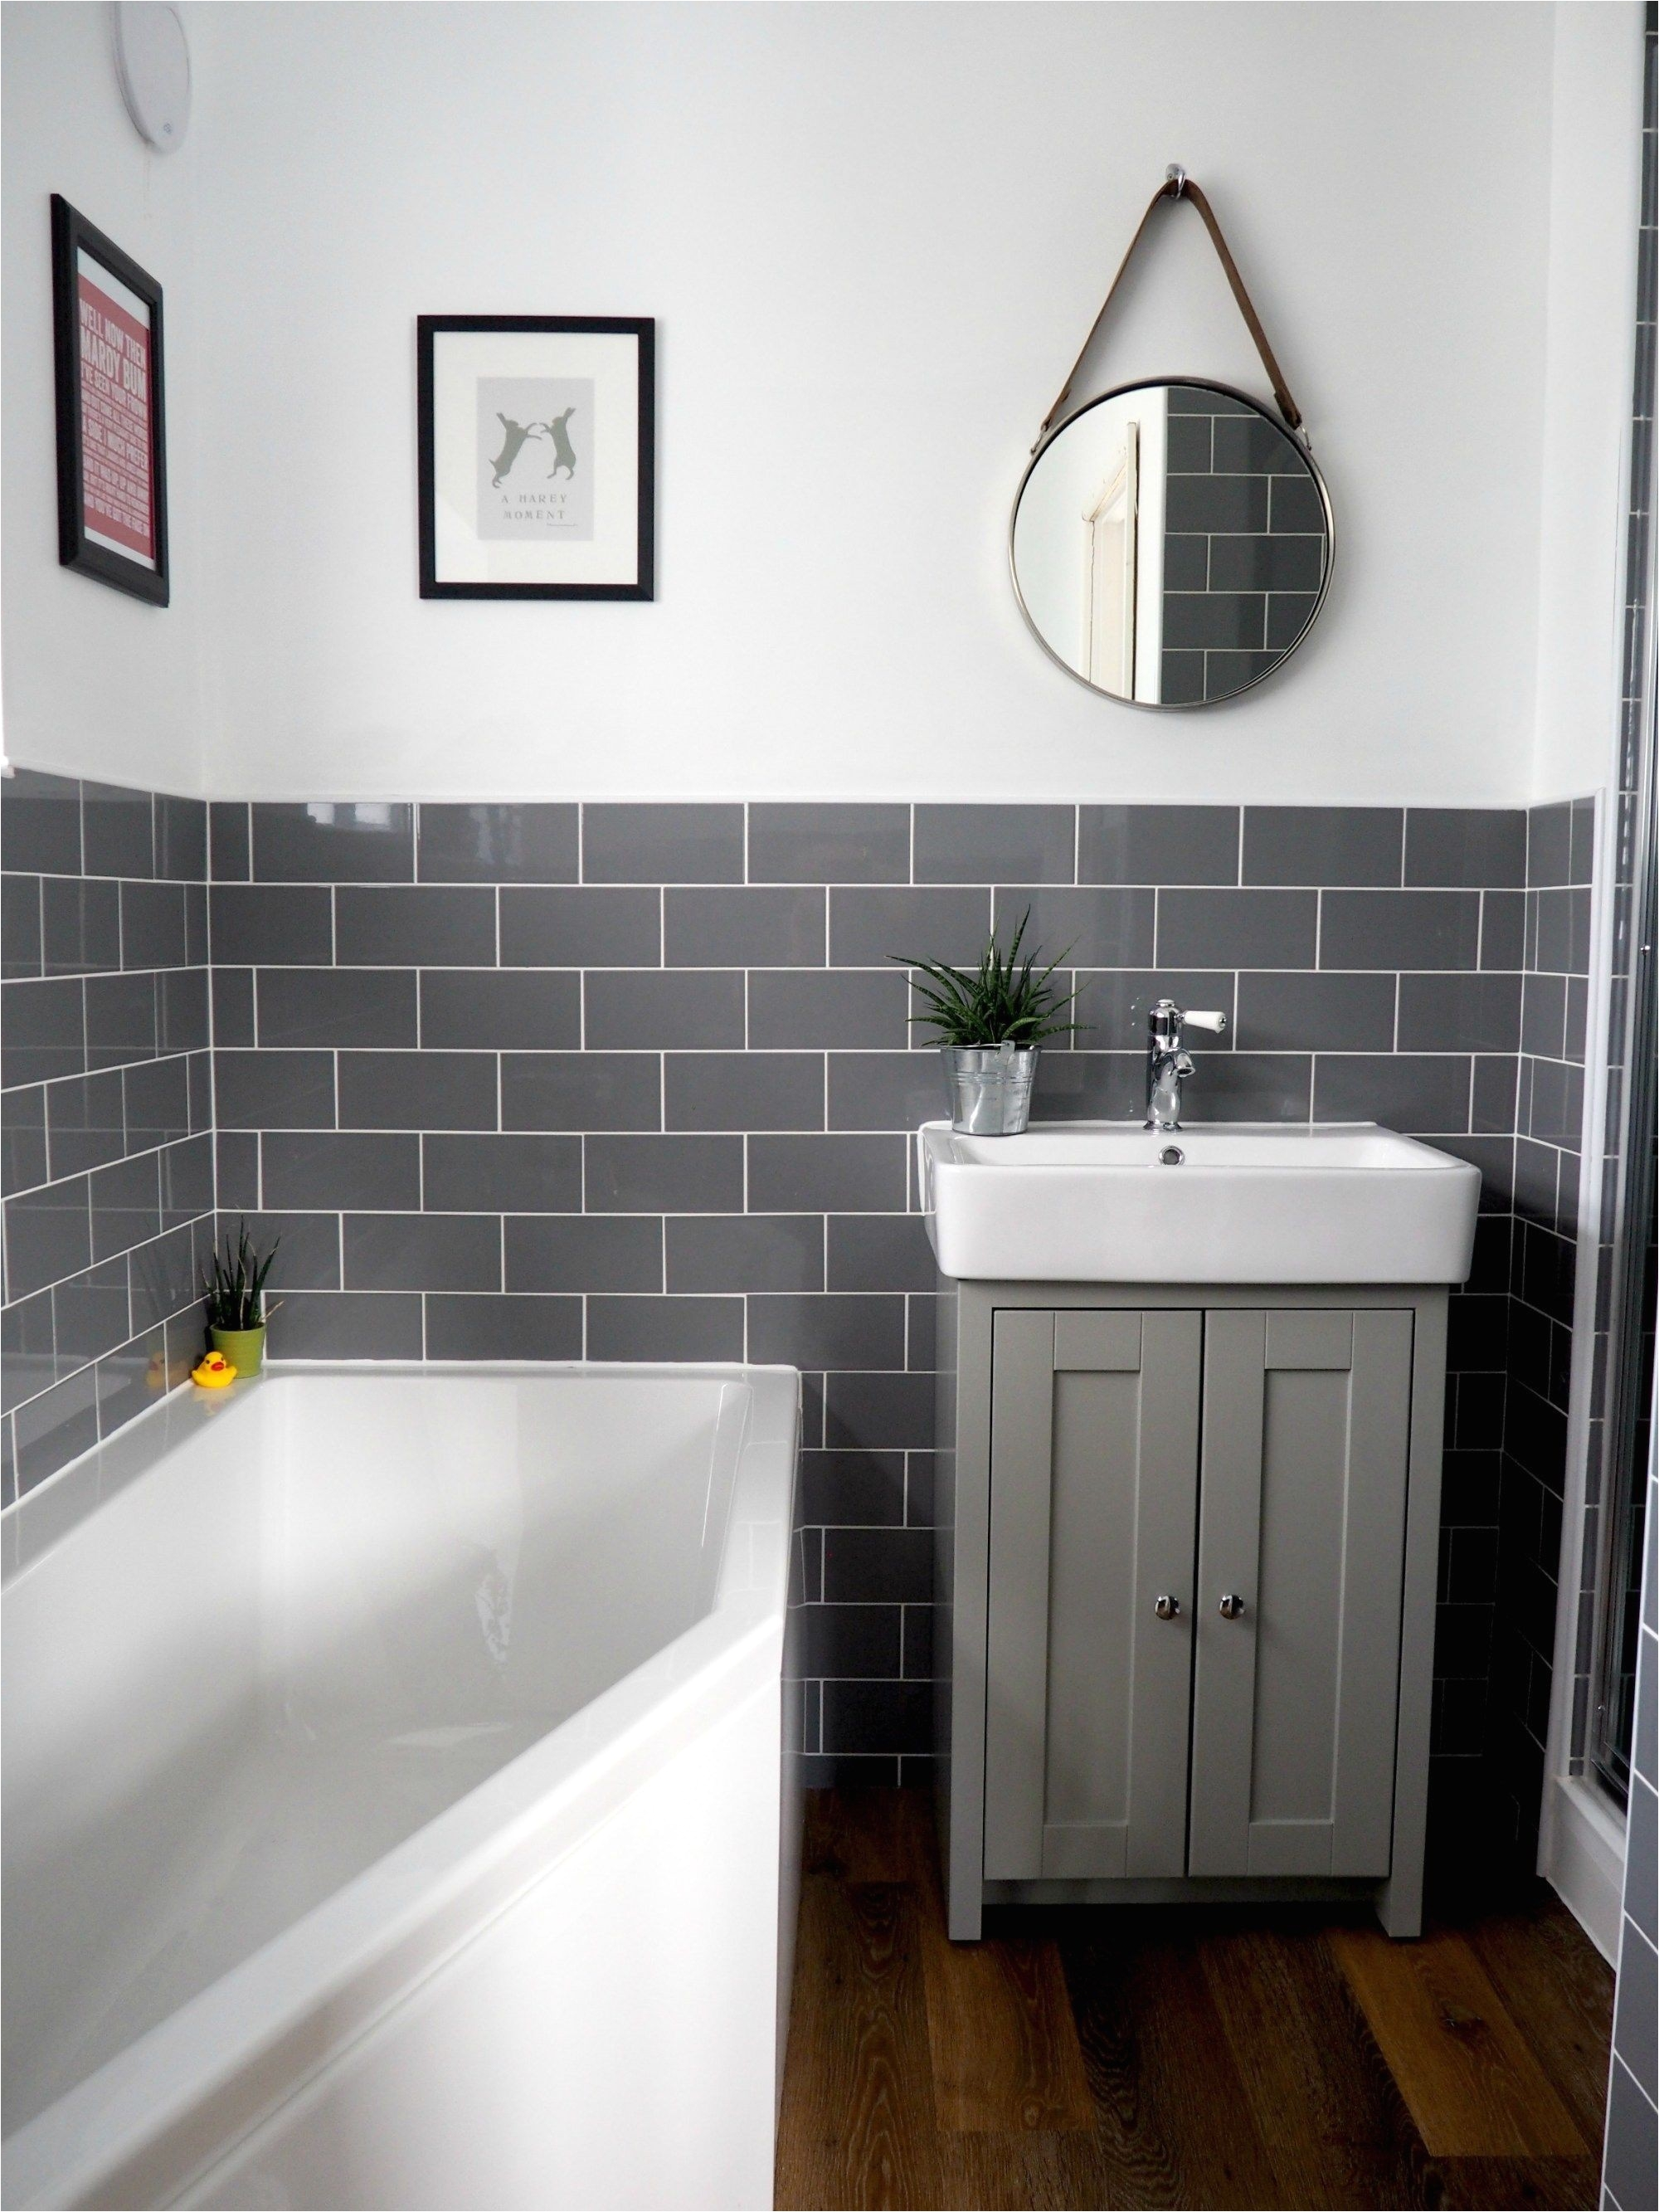 bathroom renovation ideas bathroom remodel cost bathroom ideas for small bathrooms small bathroom design ideas bathroom